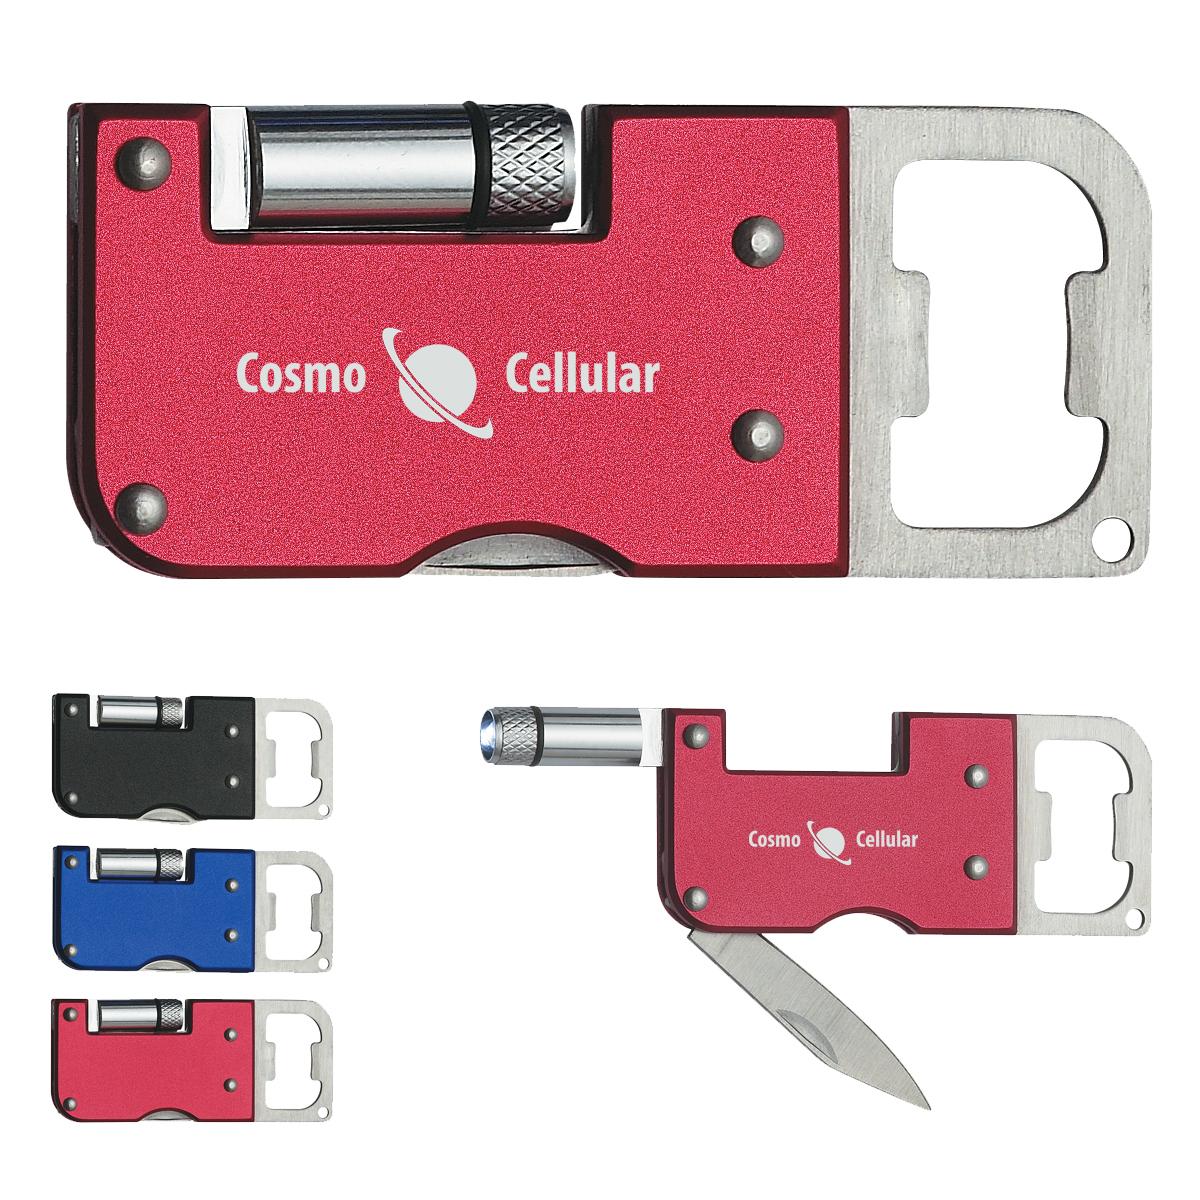 #CM 5554 - 3-In-1 Multi-Function Tool